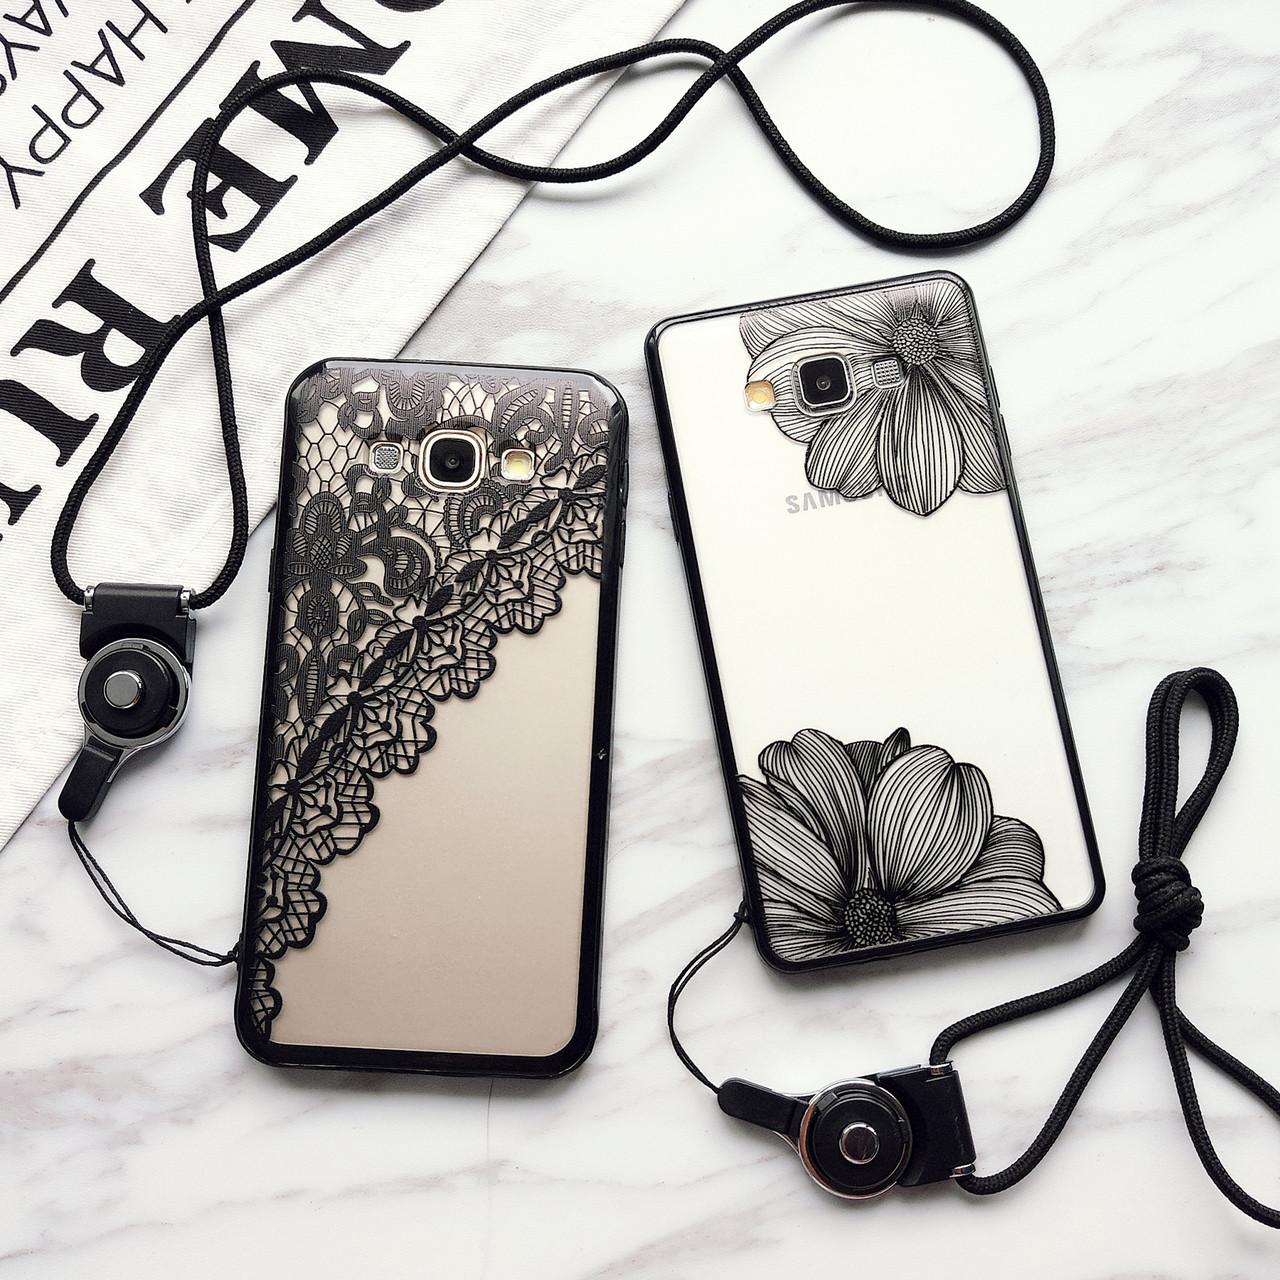 """Samsung A5 A500 противоударный чехол панель накладка бампер защита 360* 3D для телефона АЖУРНЫЙ """"PARIS AMOUR"""""""